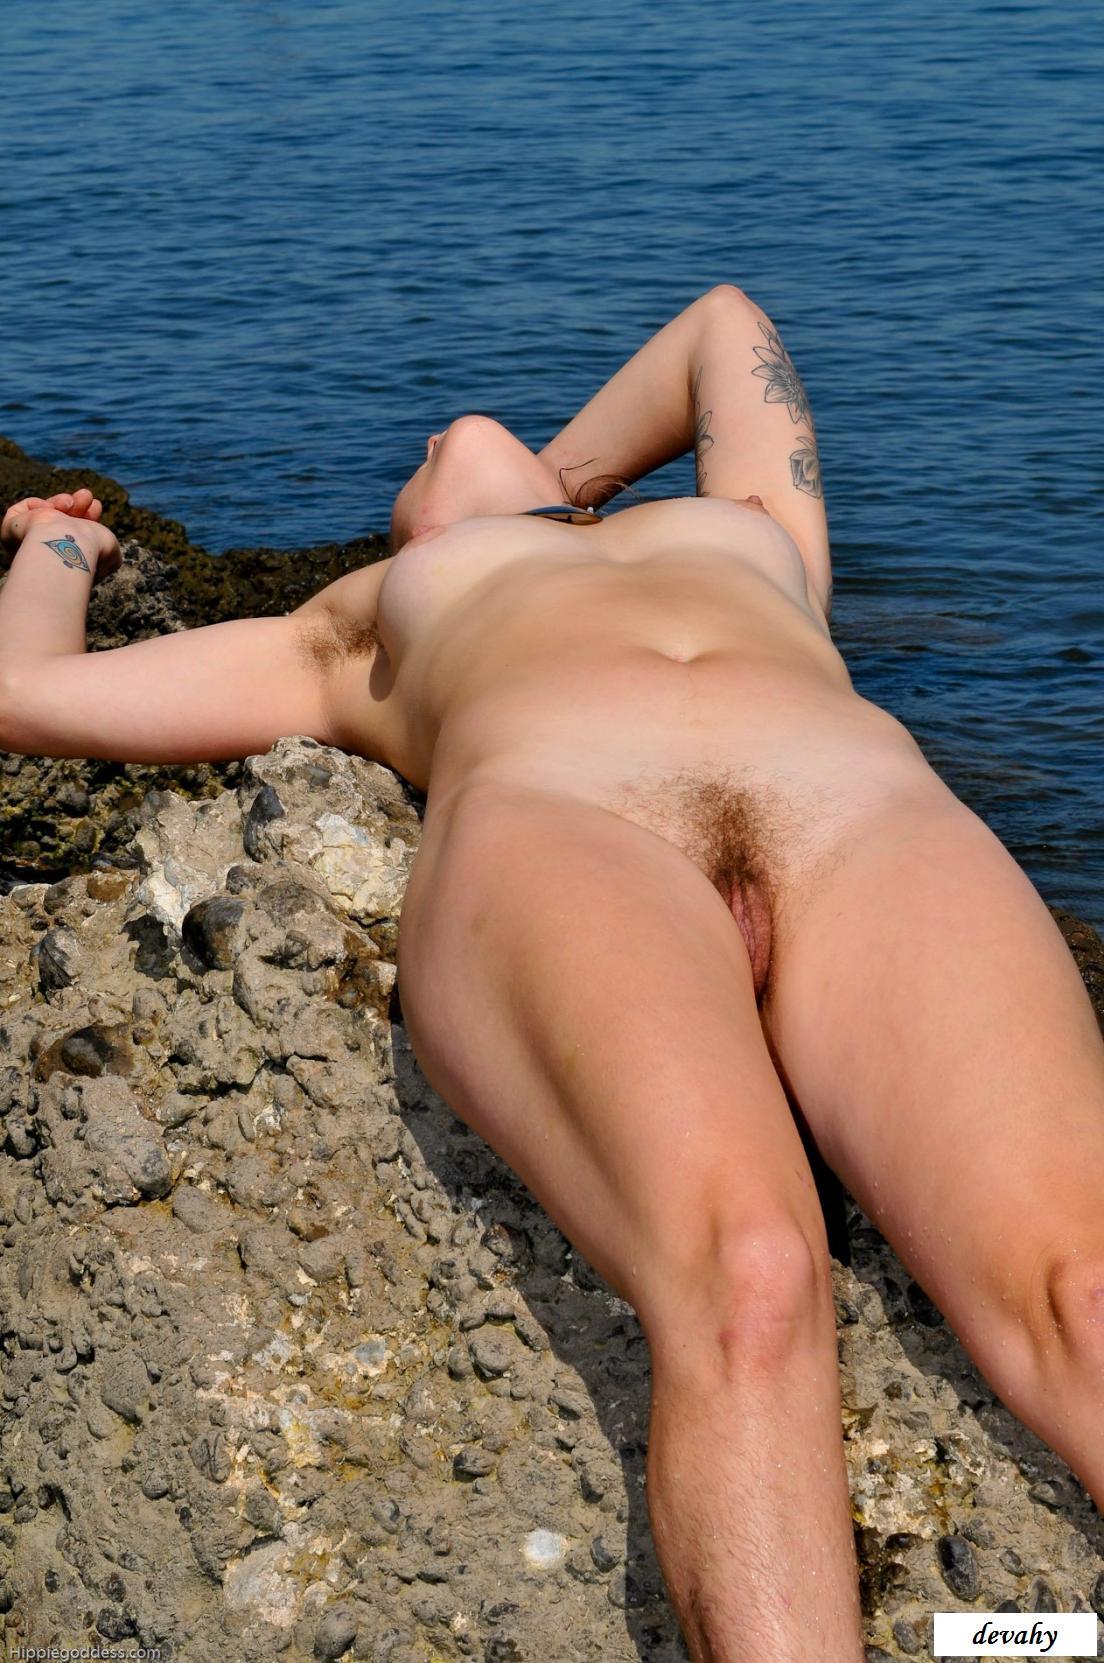 Русская брюнетка на морском побережье - голые на диком пляже